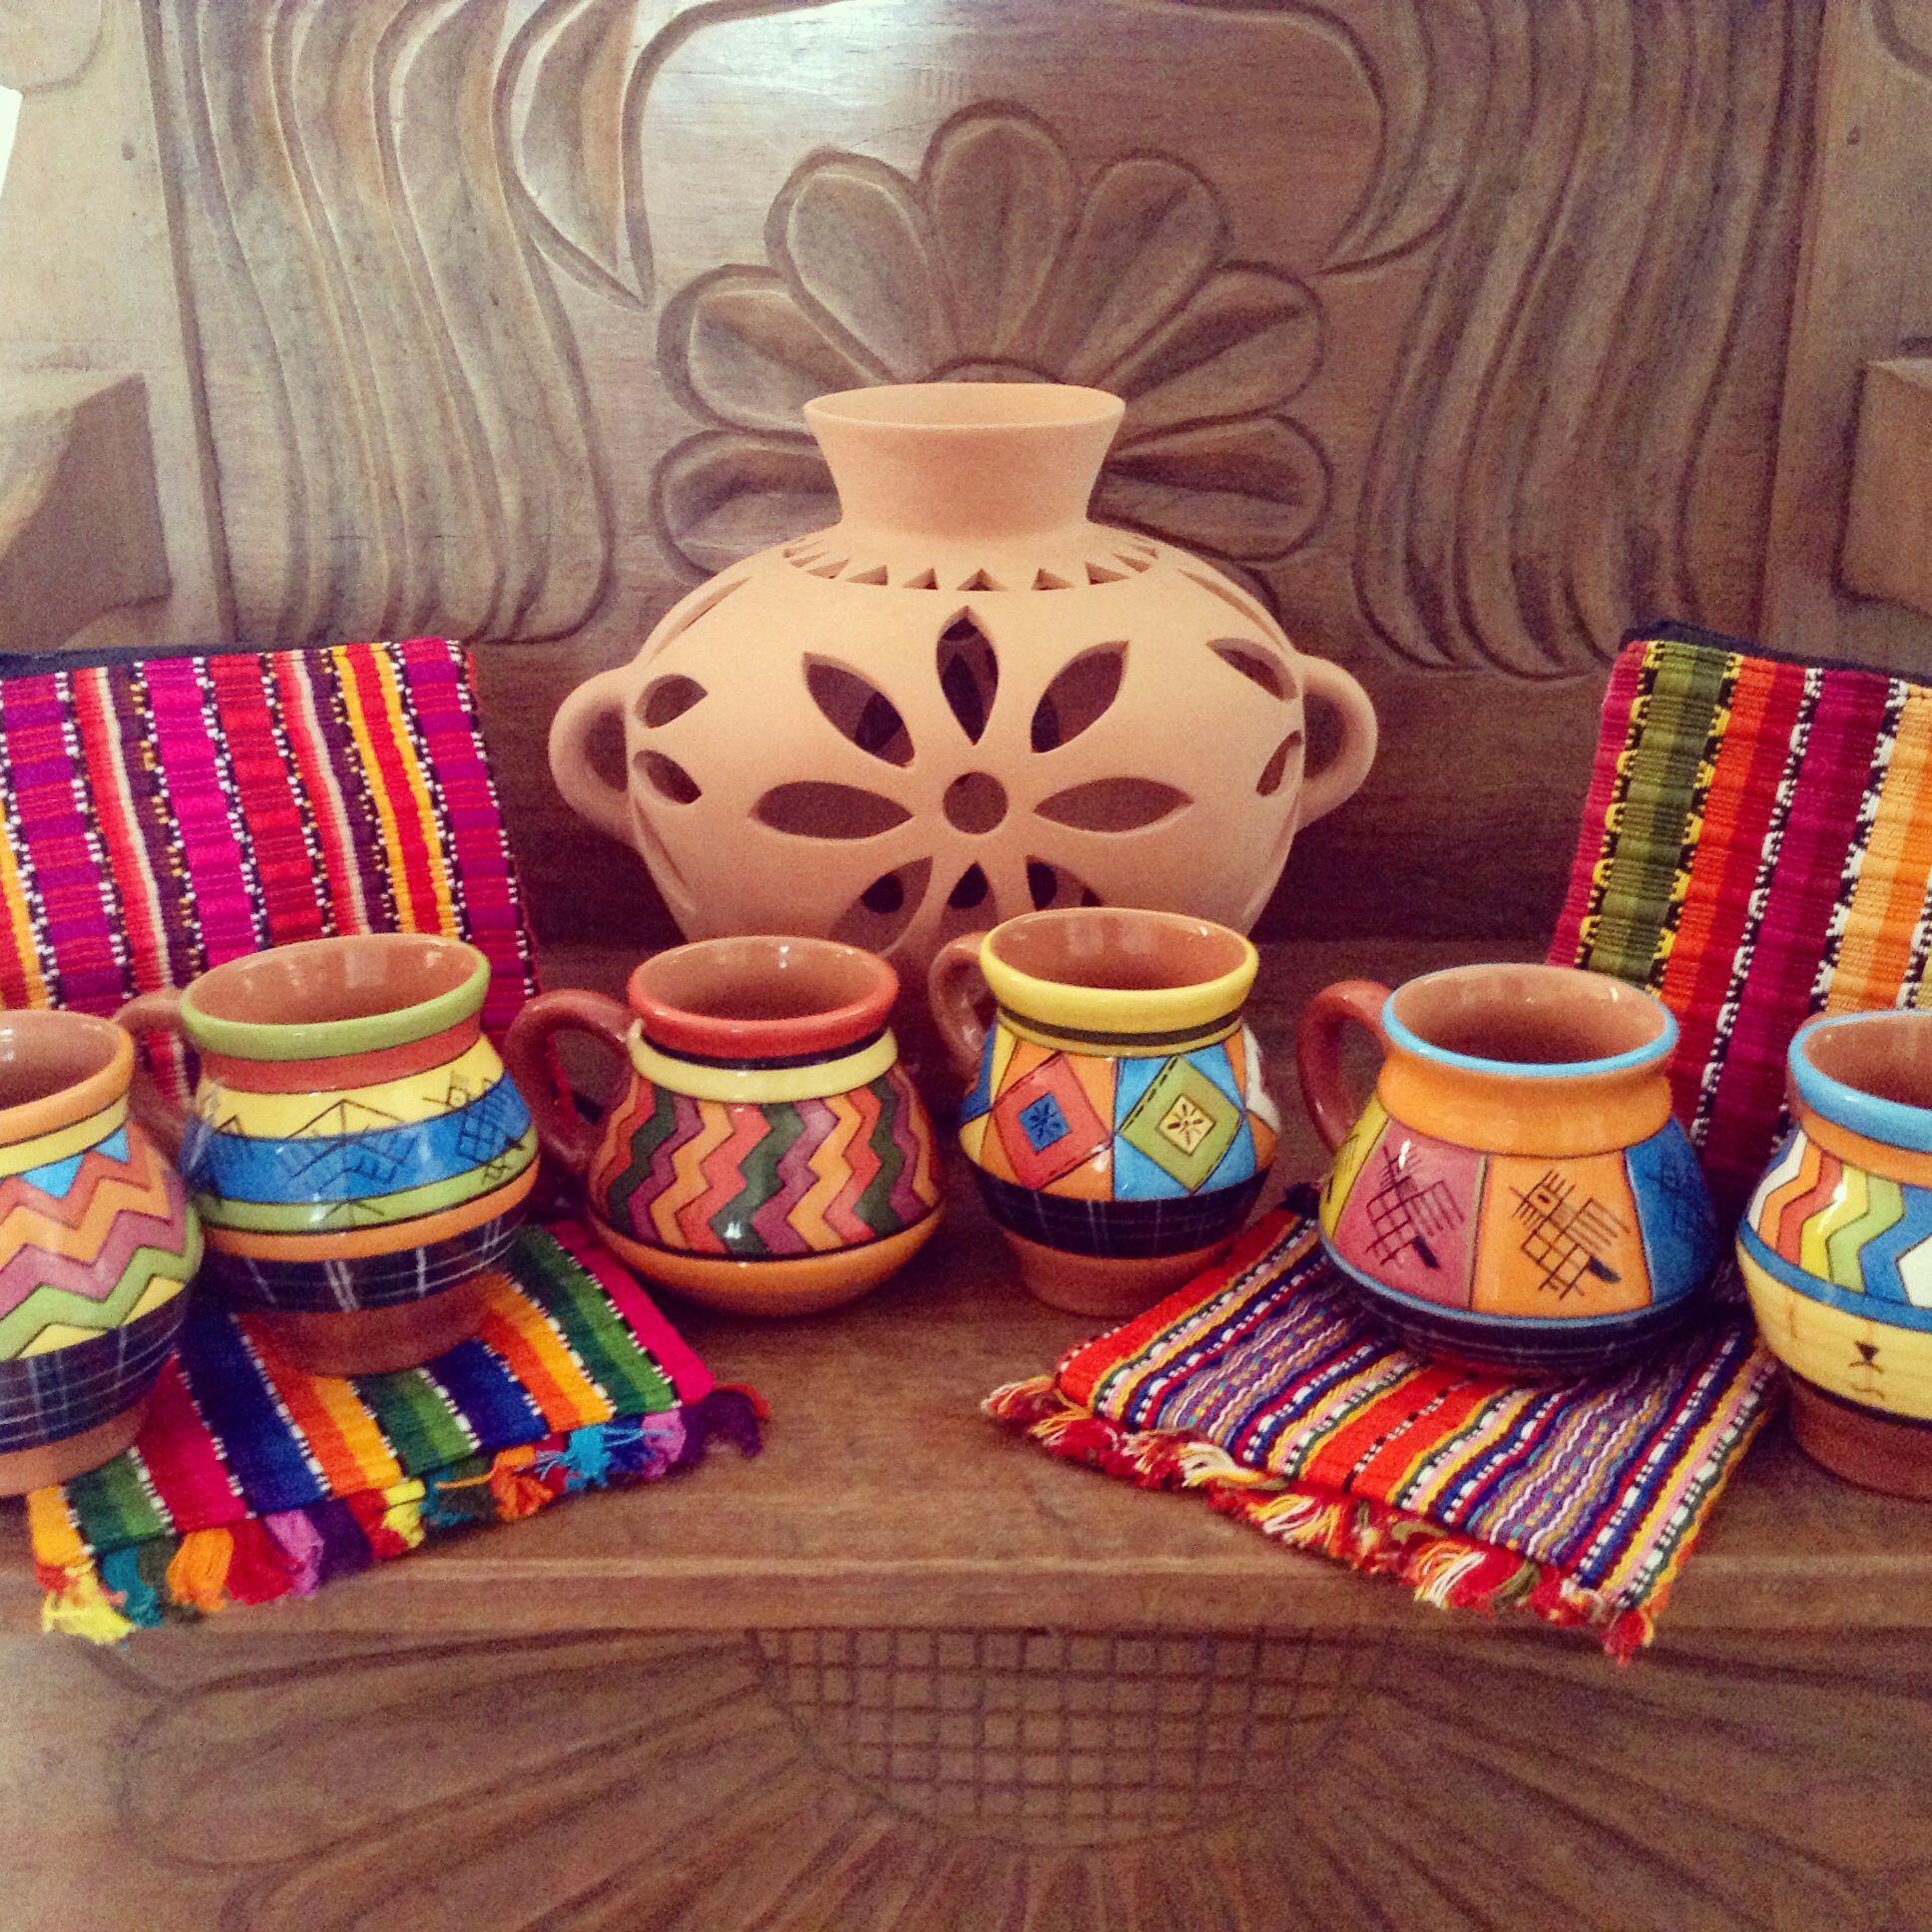 Tasas Con Trajes Típicos De Guatemala Ceramica Y Algo Mas